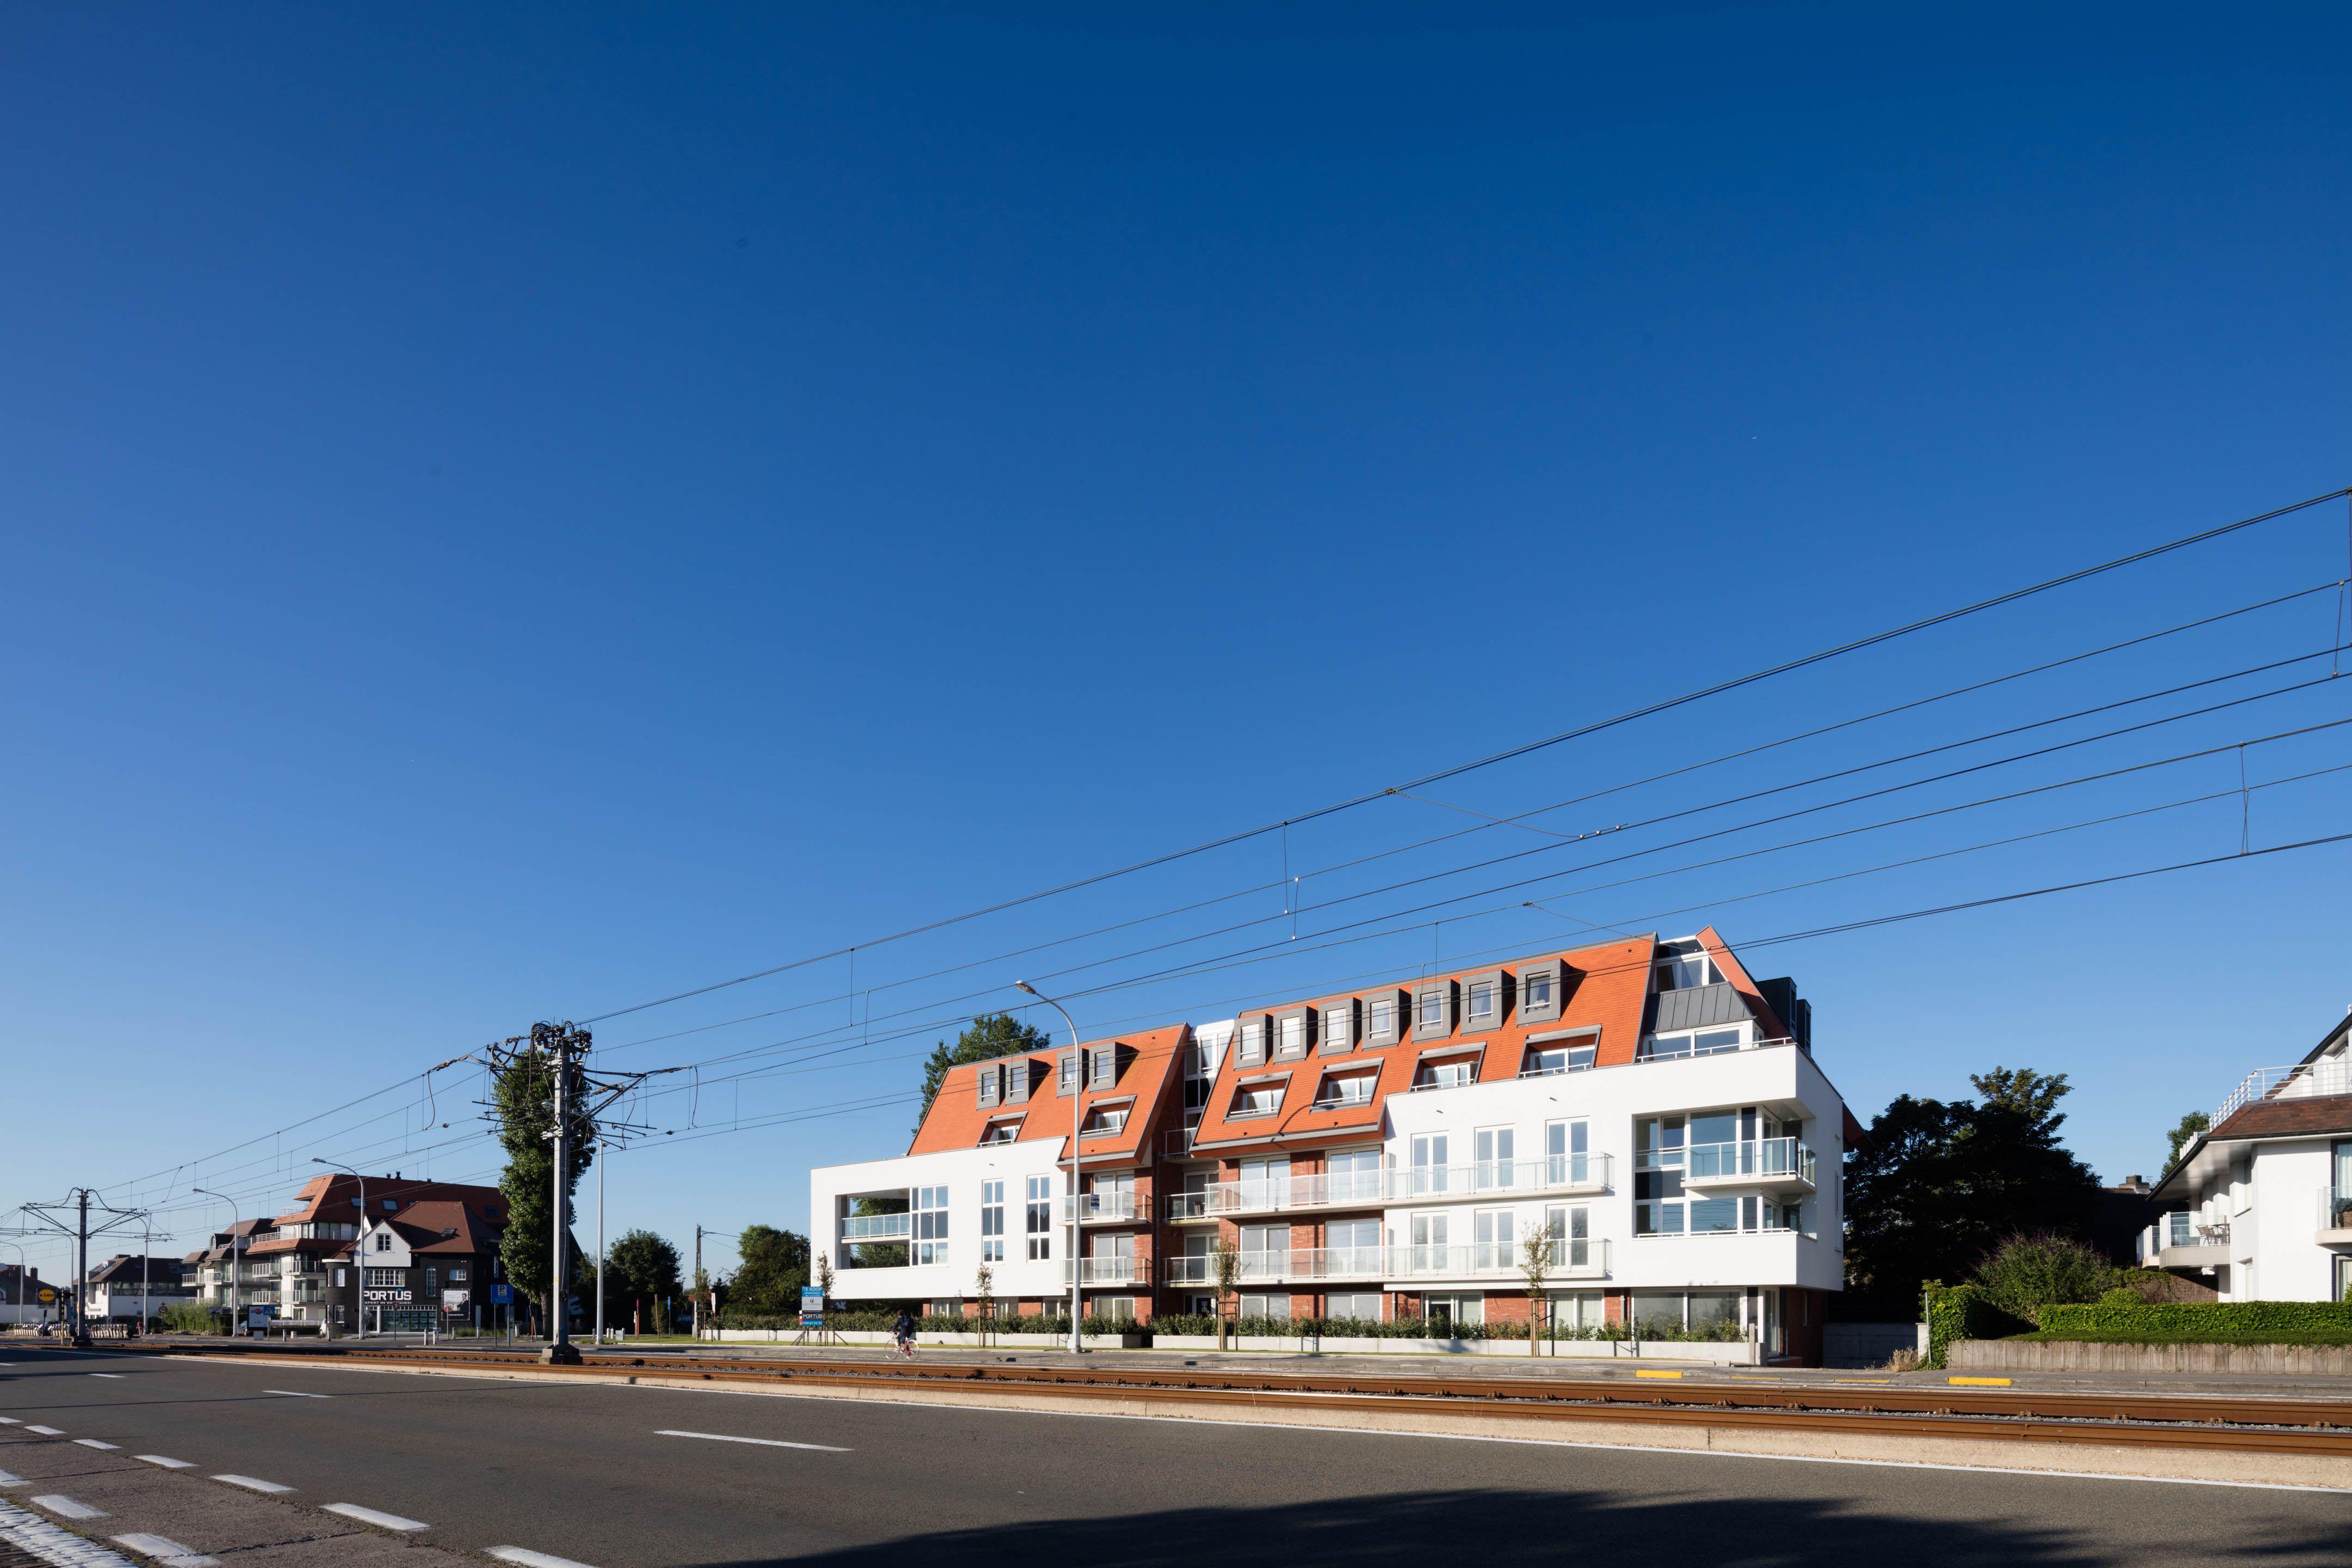 Appartement Residentie Villa Crombez Nieuwpoort - 9793